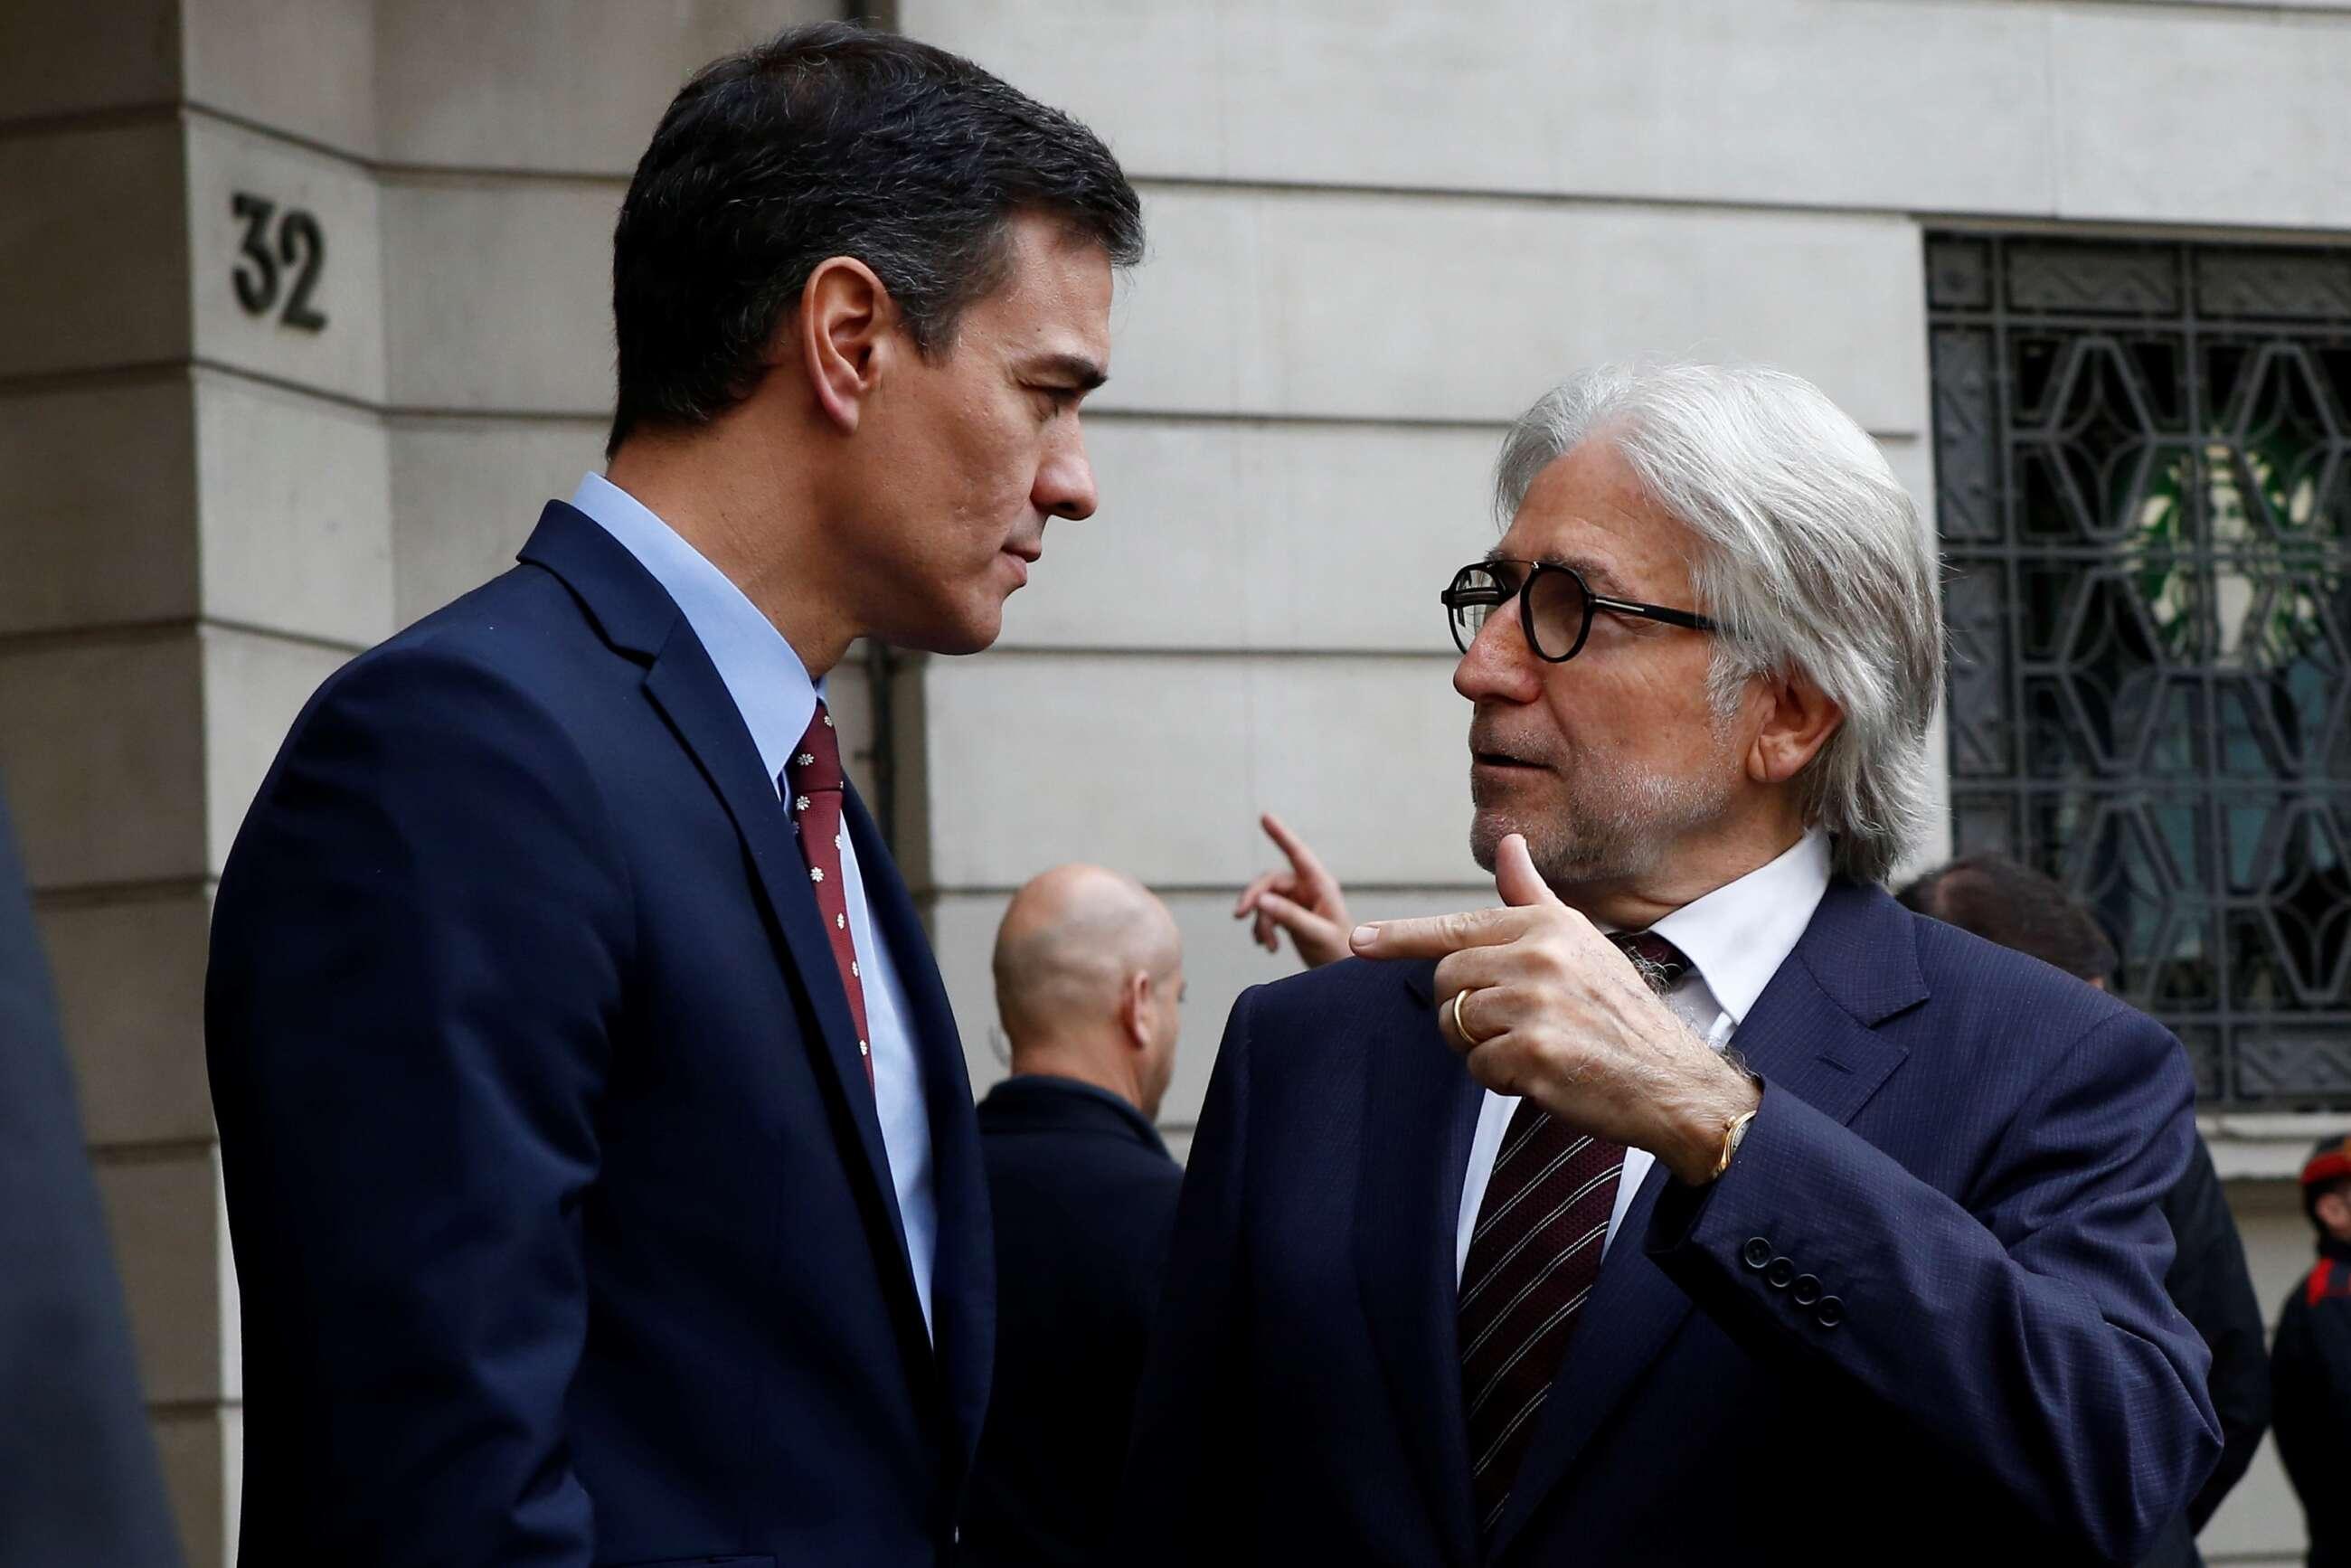 Josep Sánchez-Llibre con Pedro Sánchez en una visita del presidente a Foment en febrero de 2020. EFE